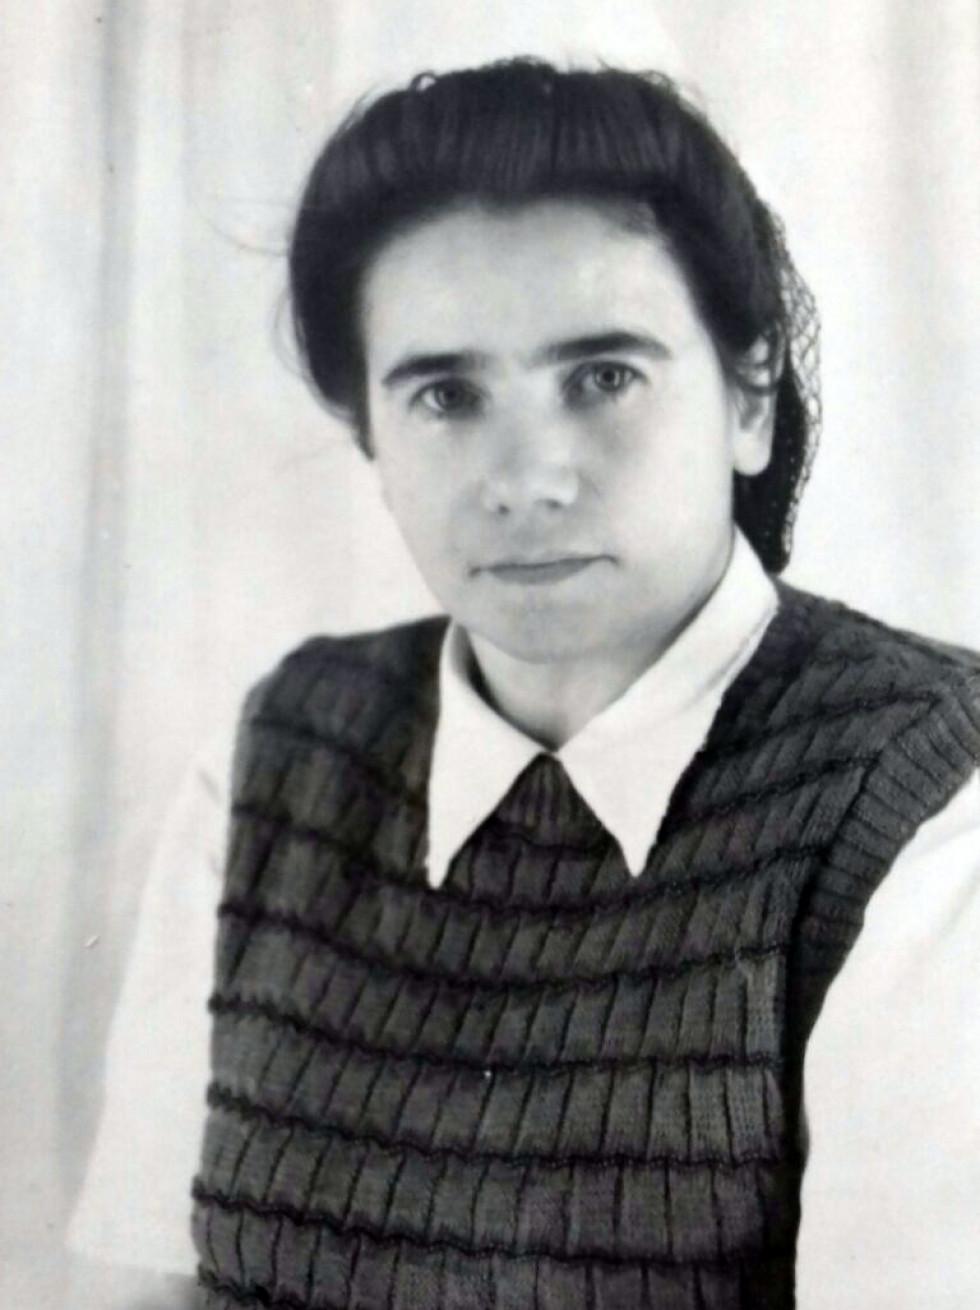 Лідія Кушнірук-Жуменко, 1956 р.